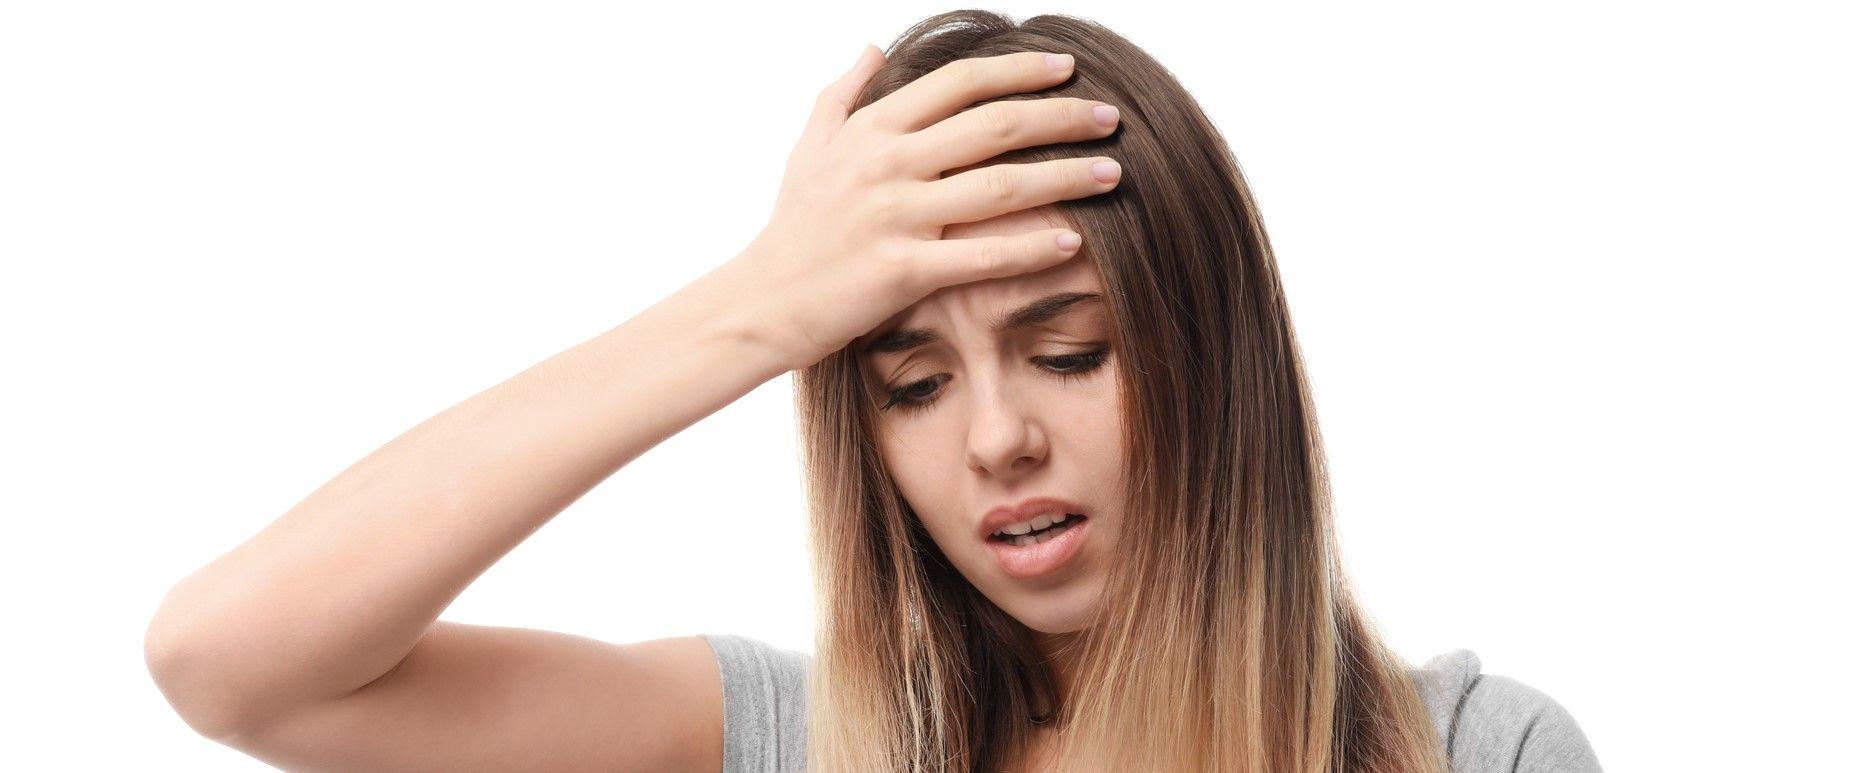 Андрогенная алопеция, или выпадение волос: при чем тут гормоны?